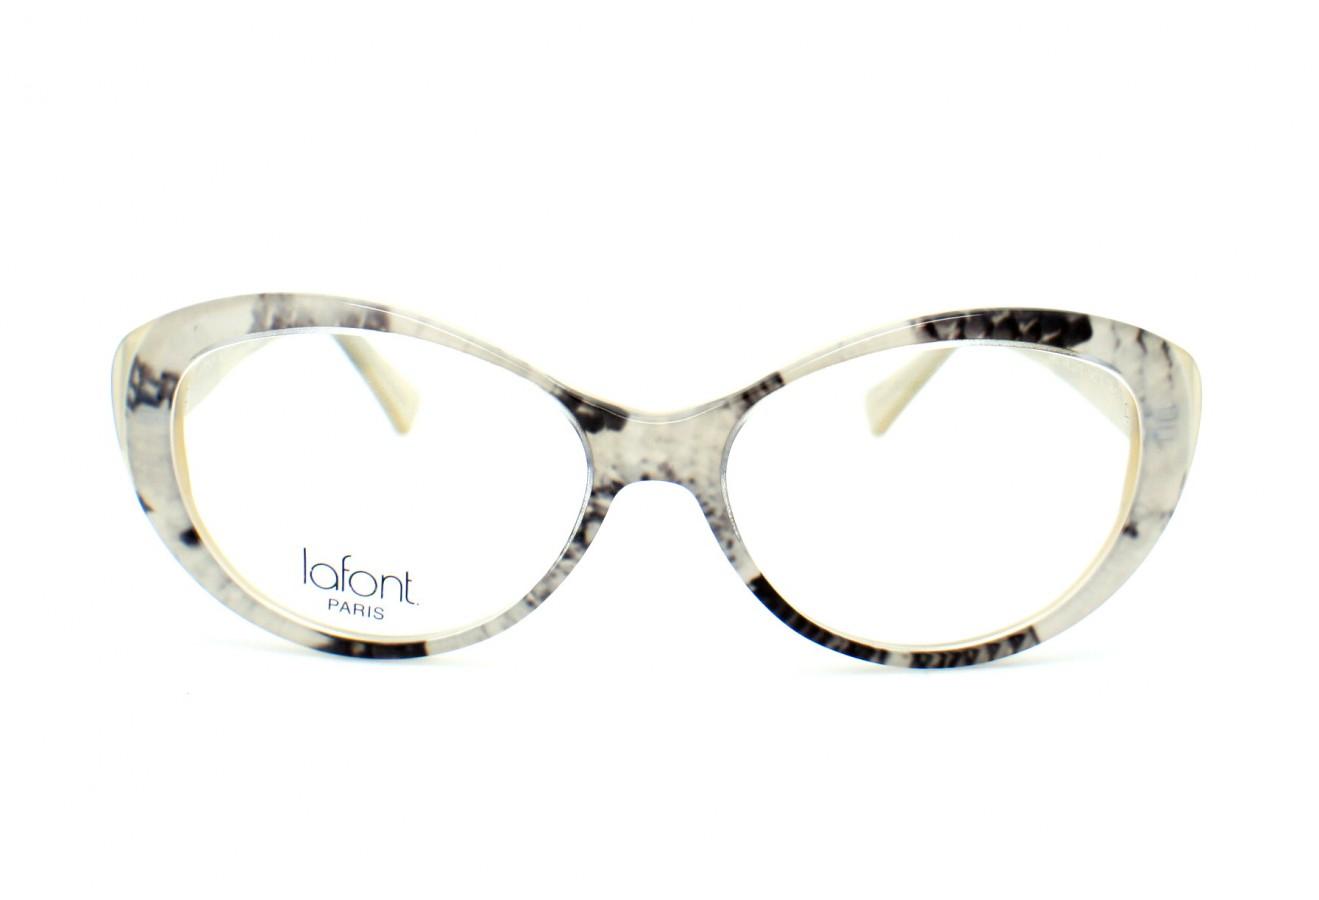 Contente d'avoir trouvé ce site sur les lunettes